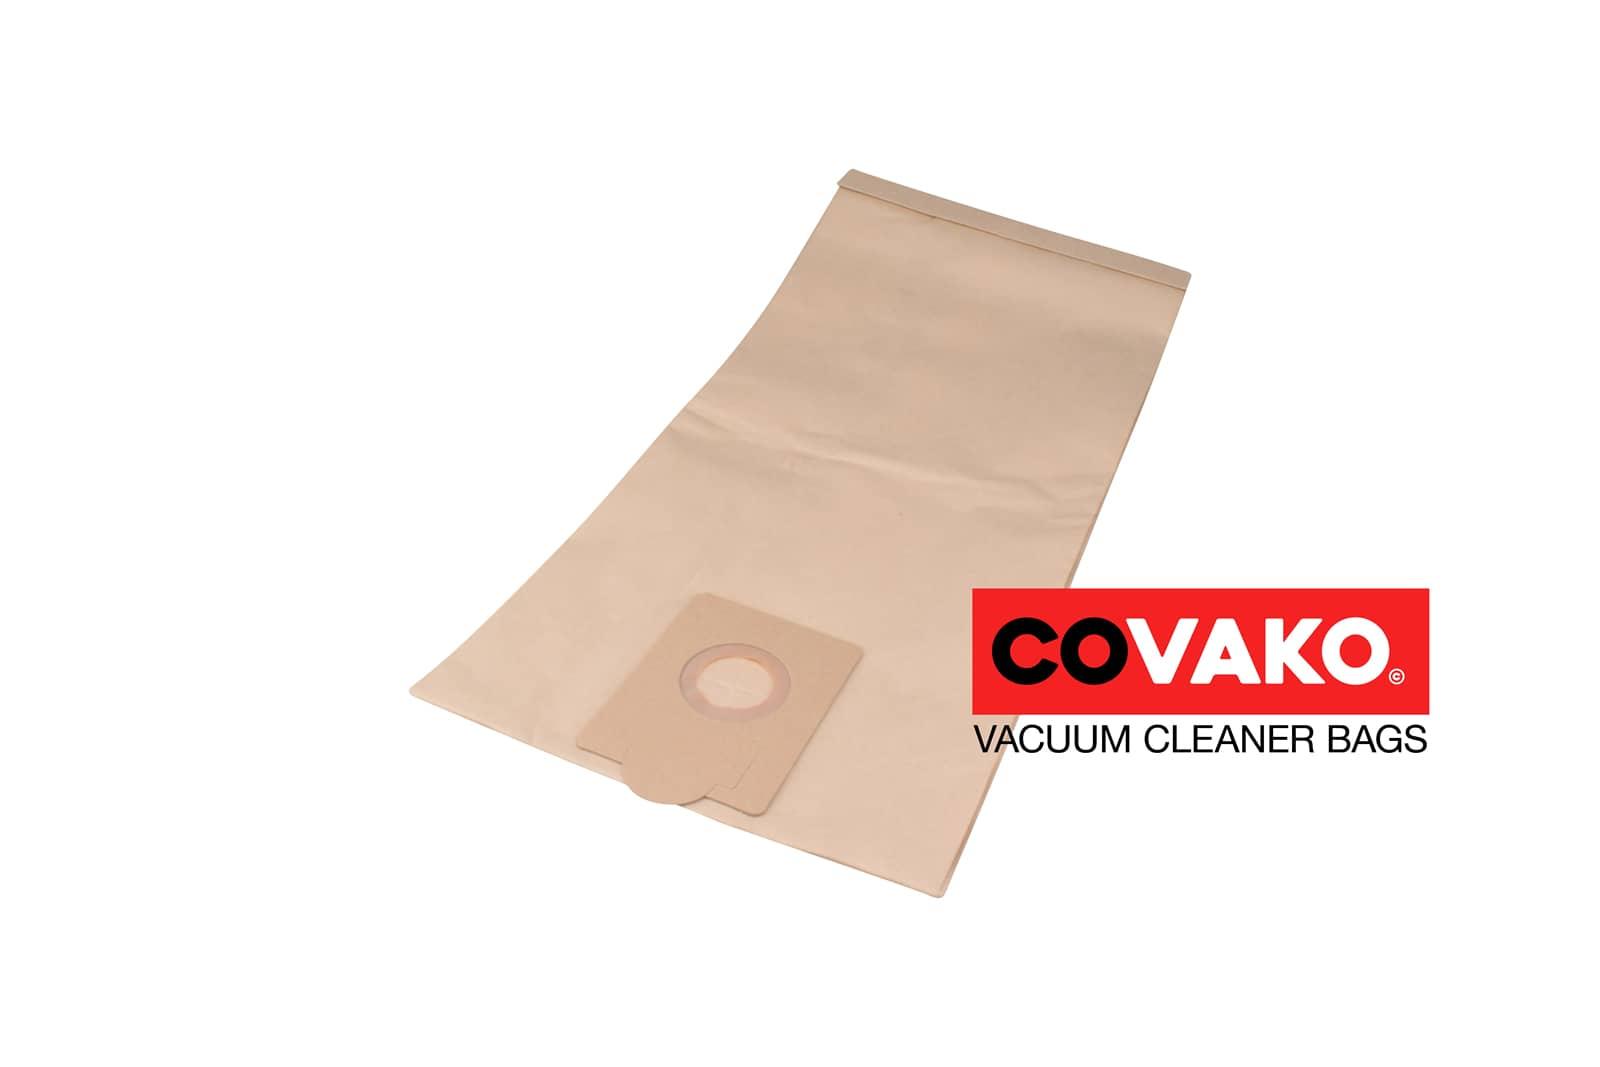 Lorito K103200943 / Paper - Lorito vacuum cleaner bags